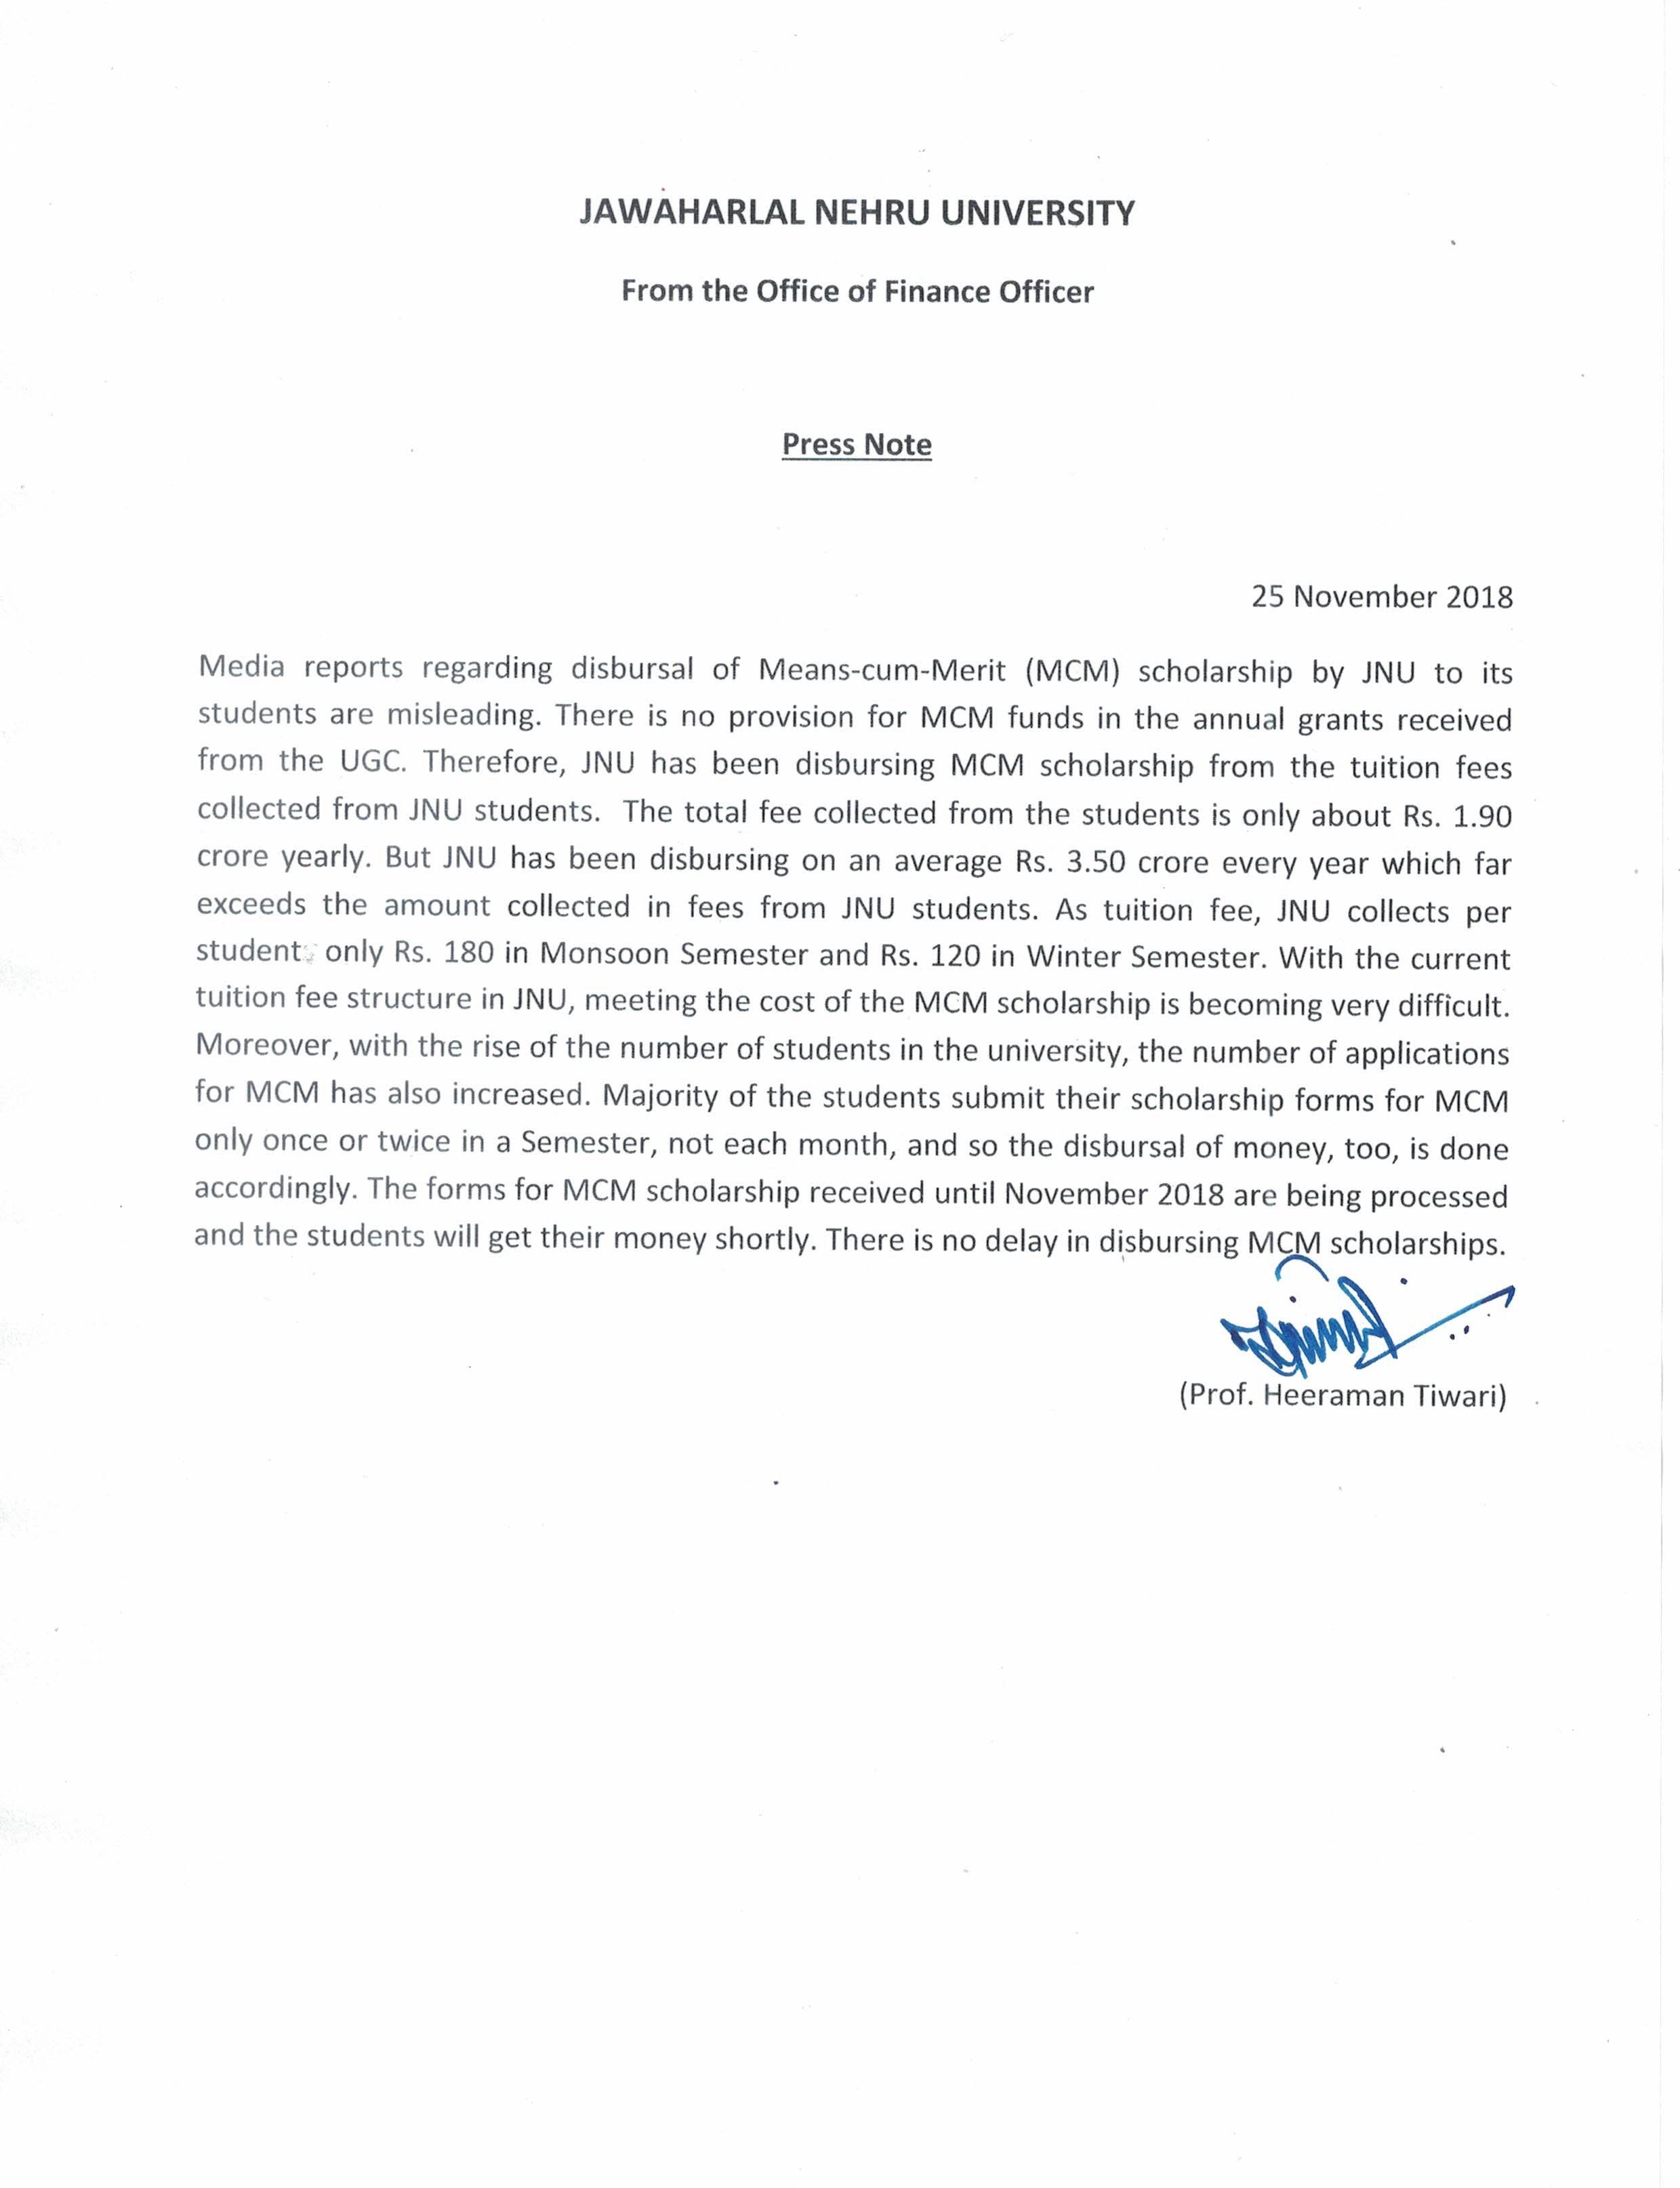 Welcome to Jawaharlal Nehru University